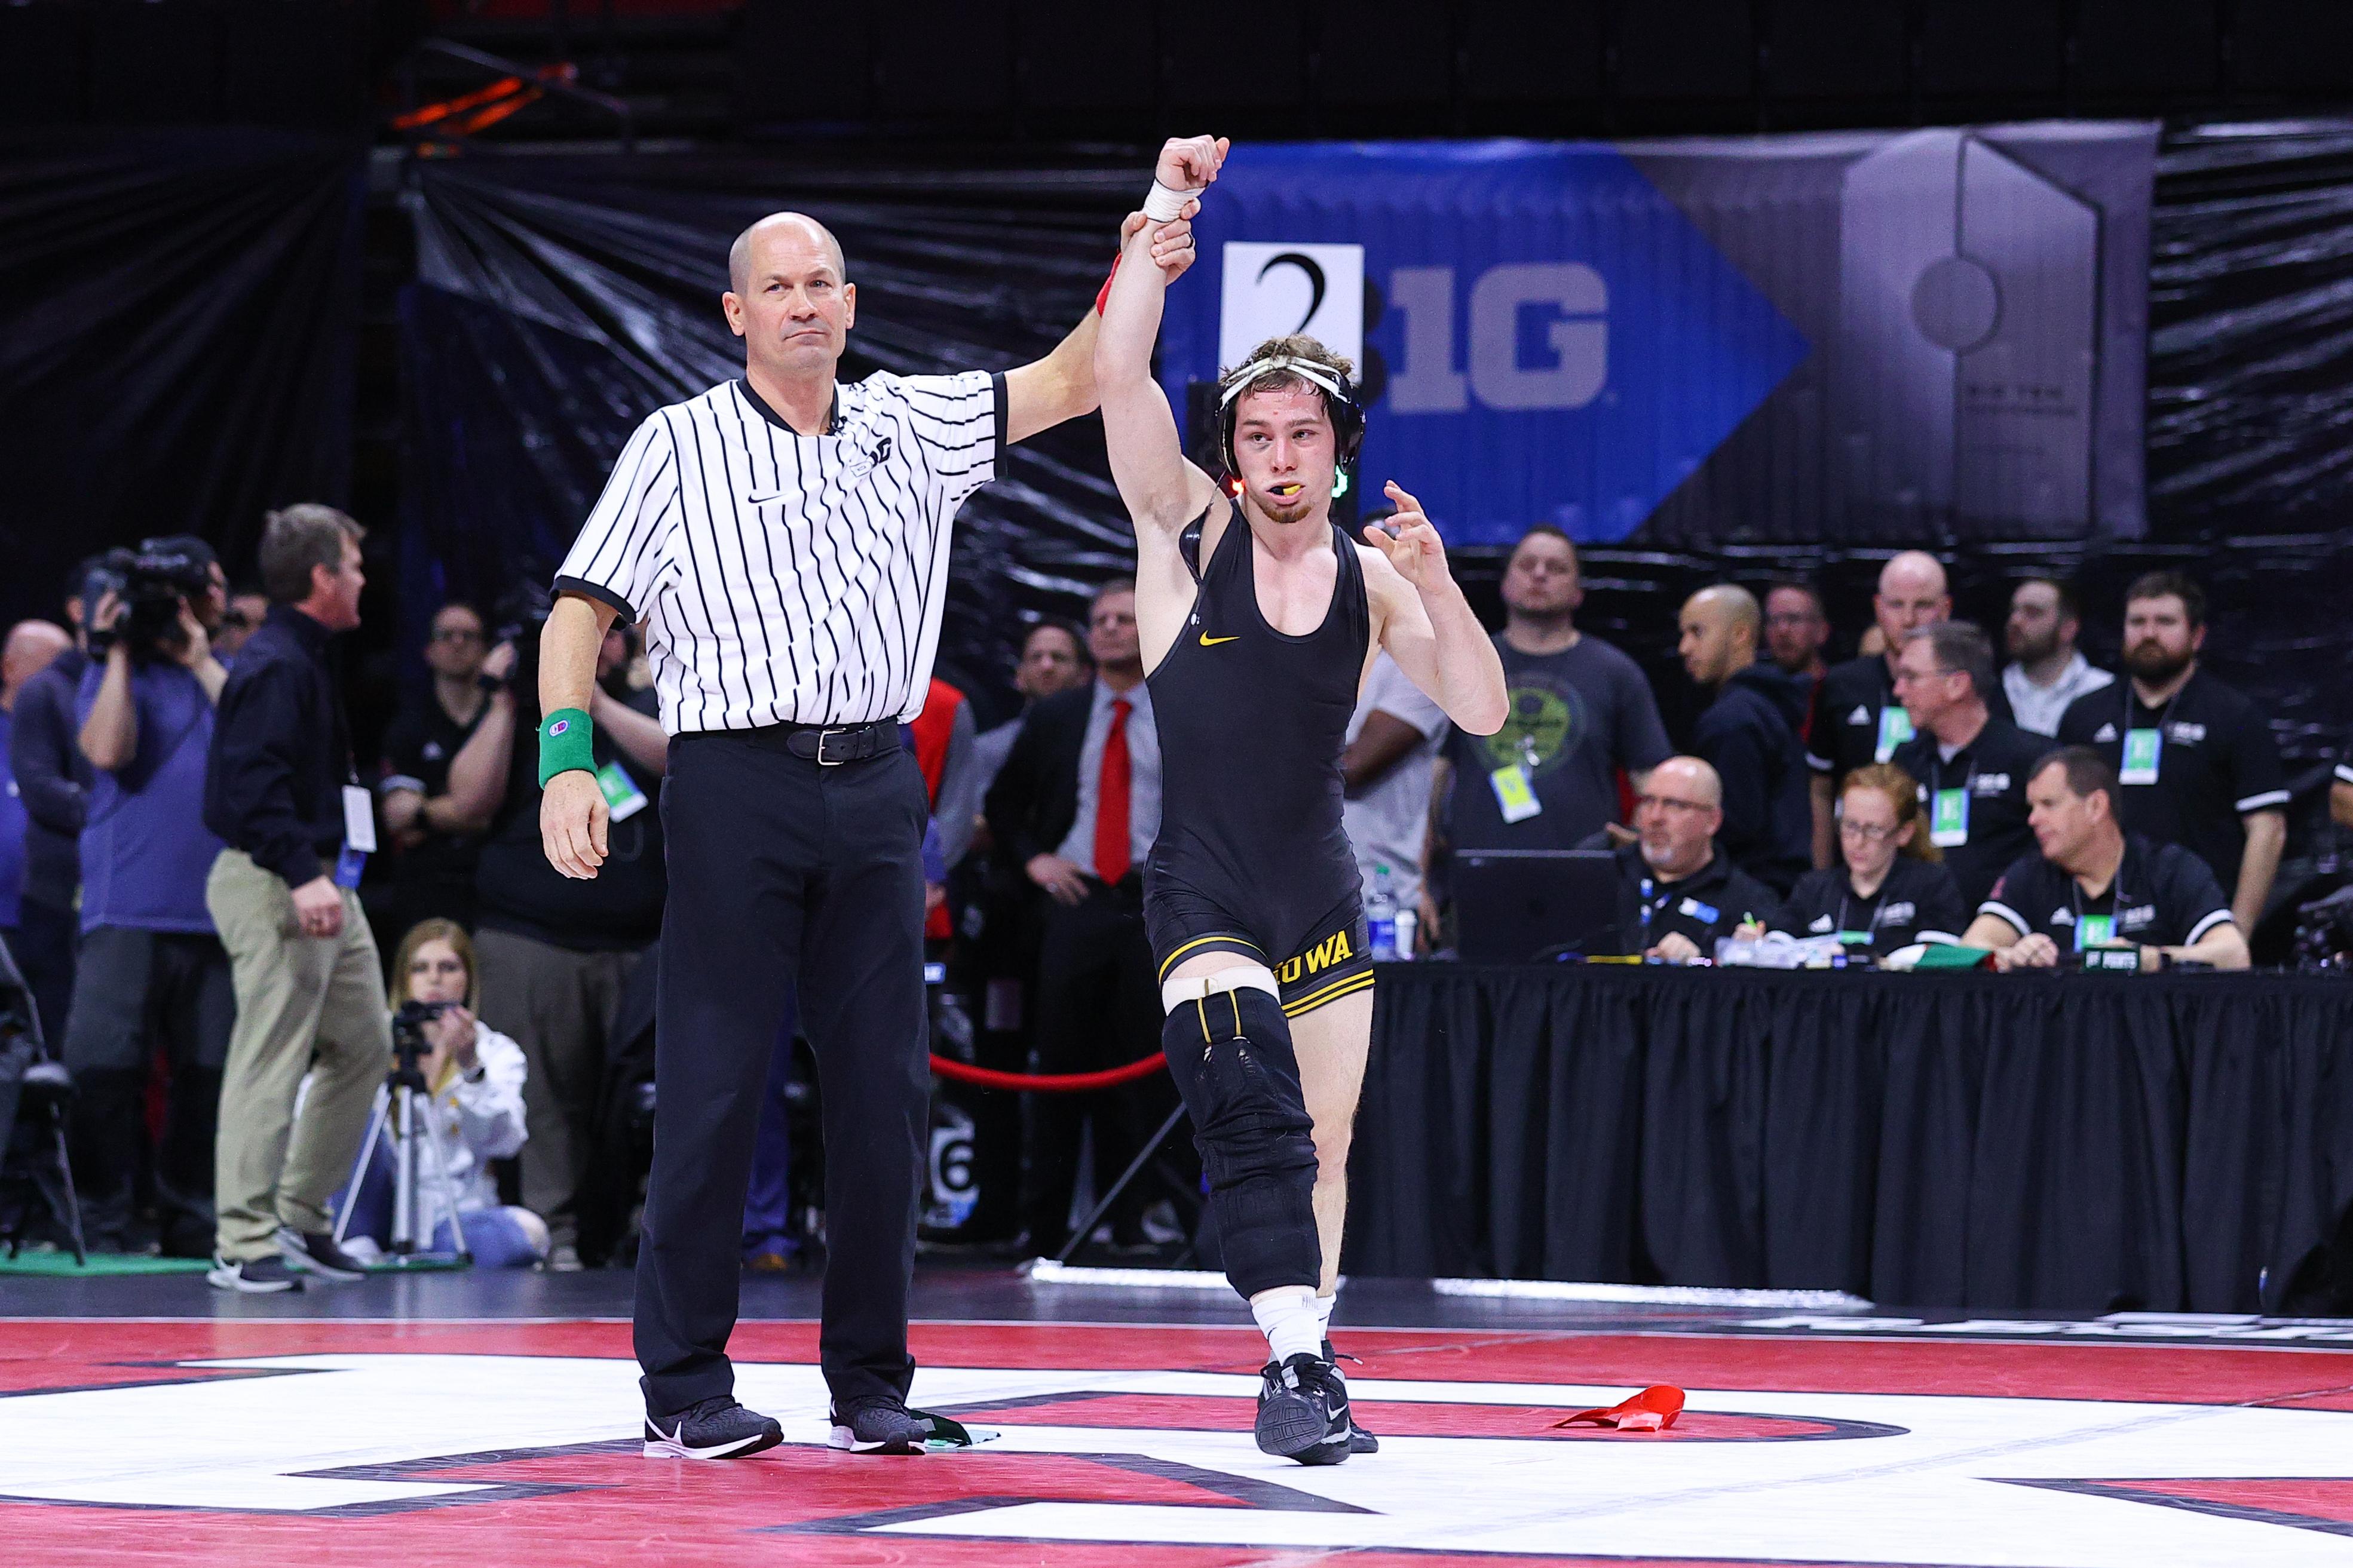 COLLEGE WRESTLING: MAR 08 Big Ten Wrestling Championships